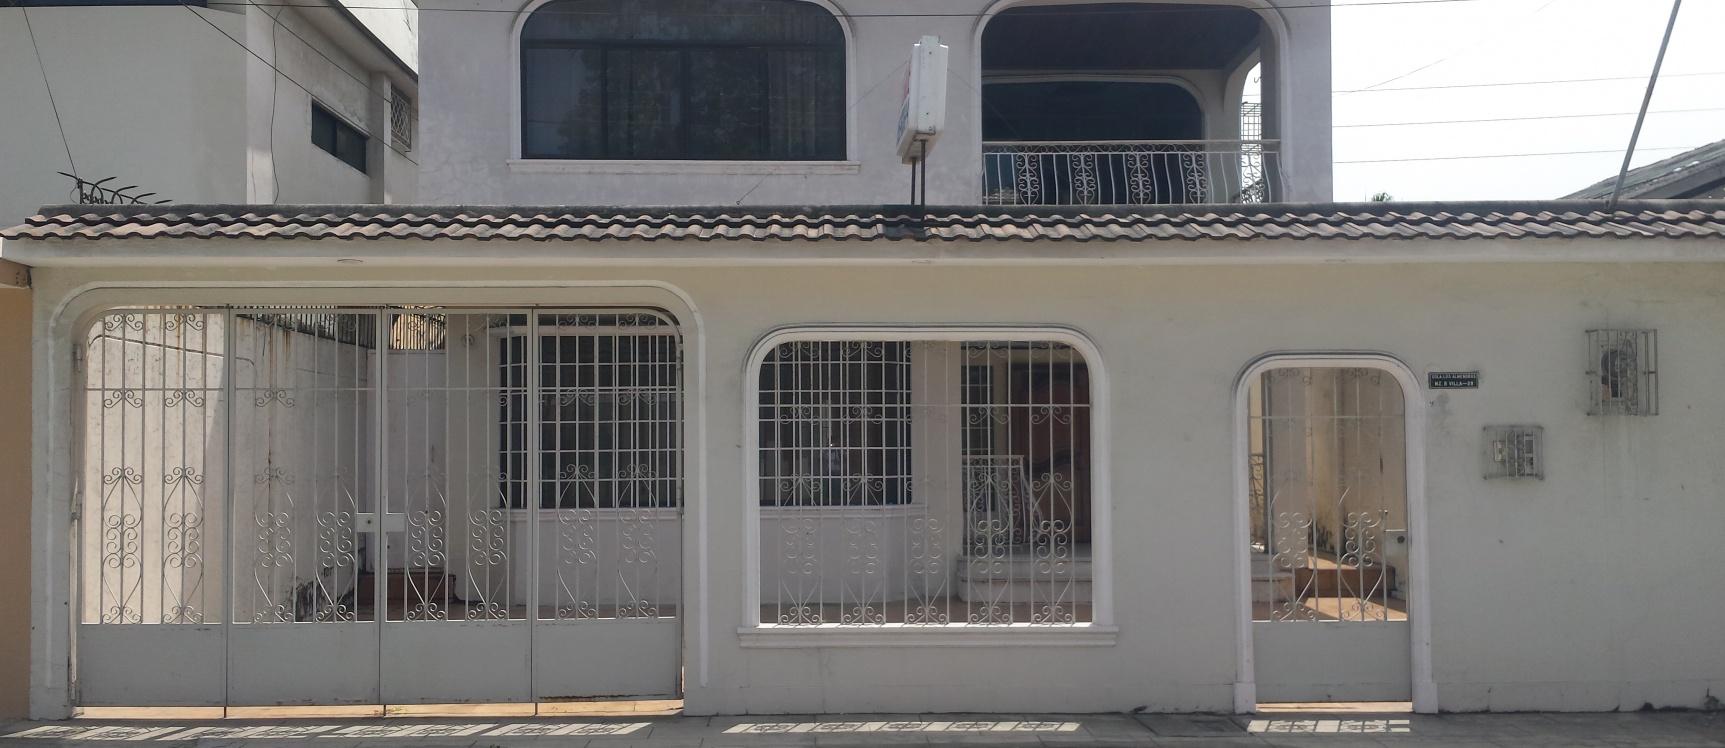 Vendo Casa De Dos Plantas En Los Almendros Guayaquil Ecuador Geobienes